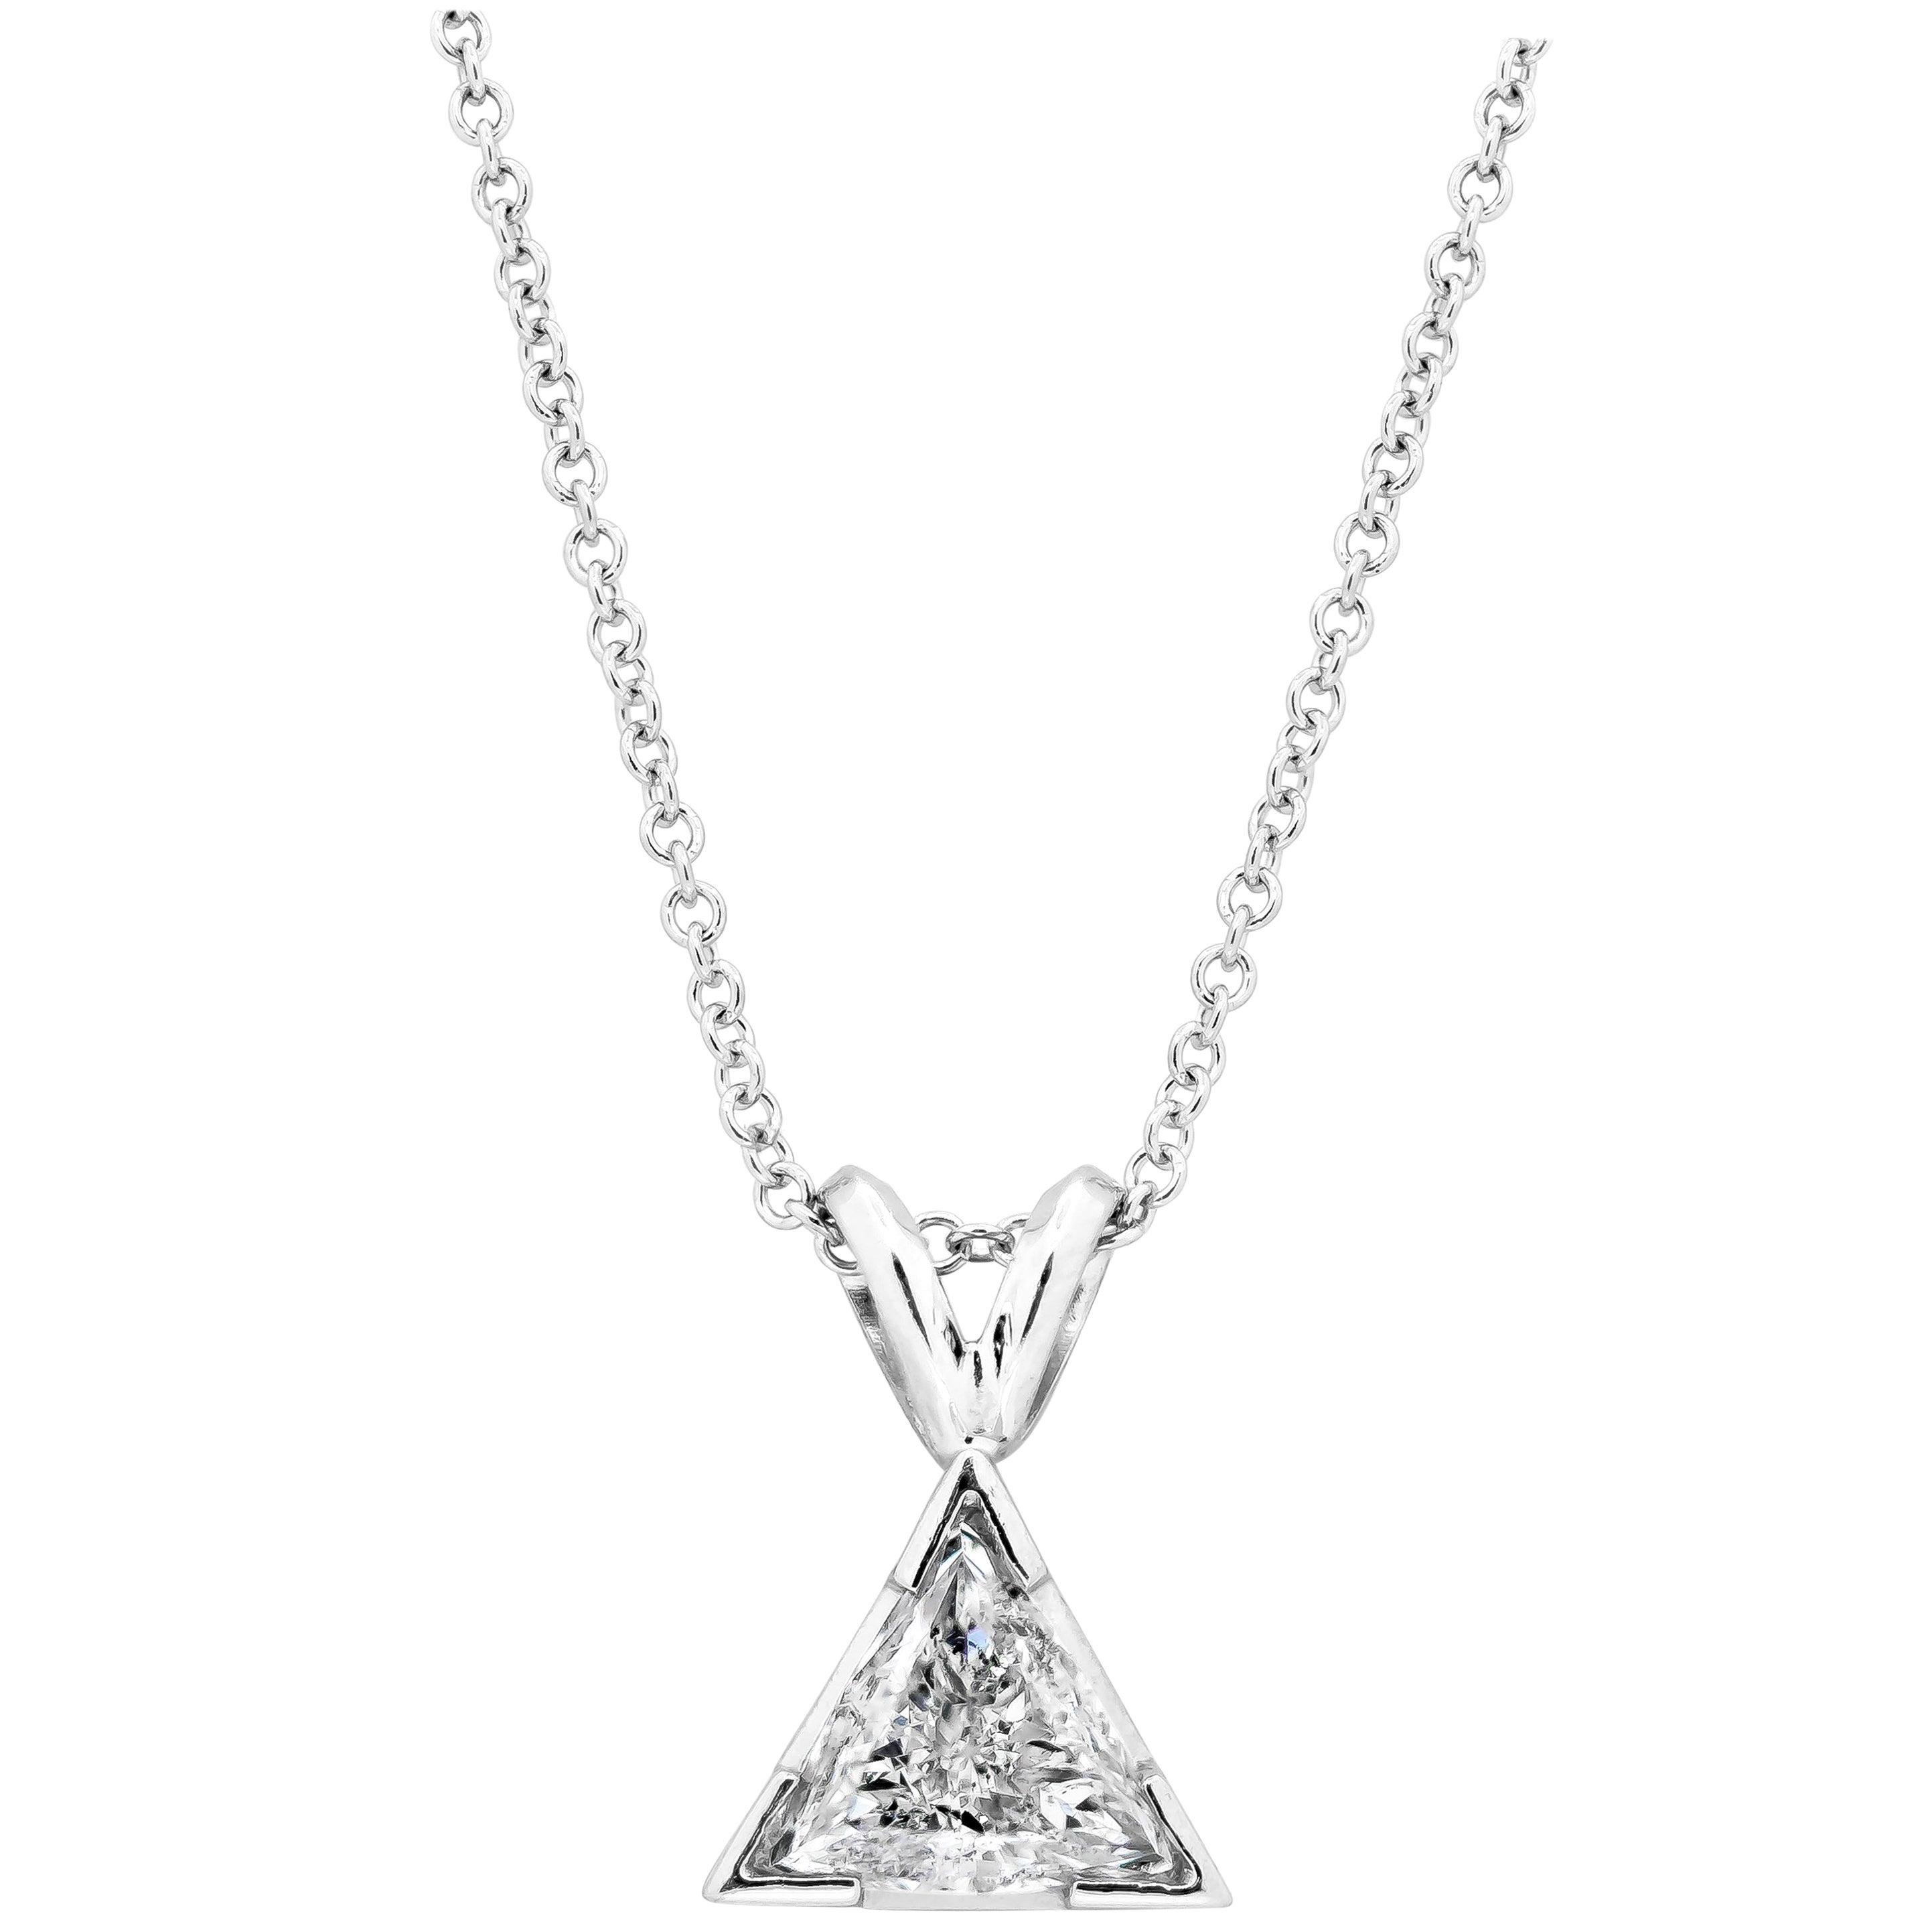 0.51 Carat Trillion Diamond Solitaire Pendant Necklace